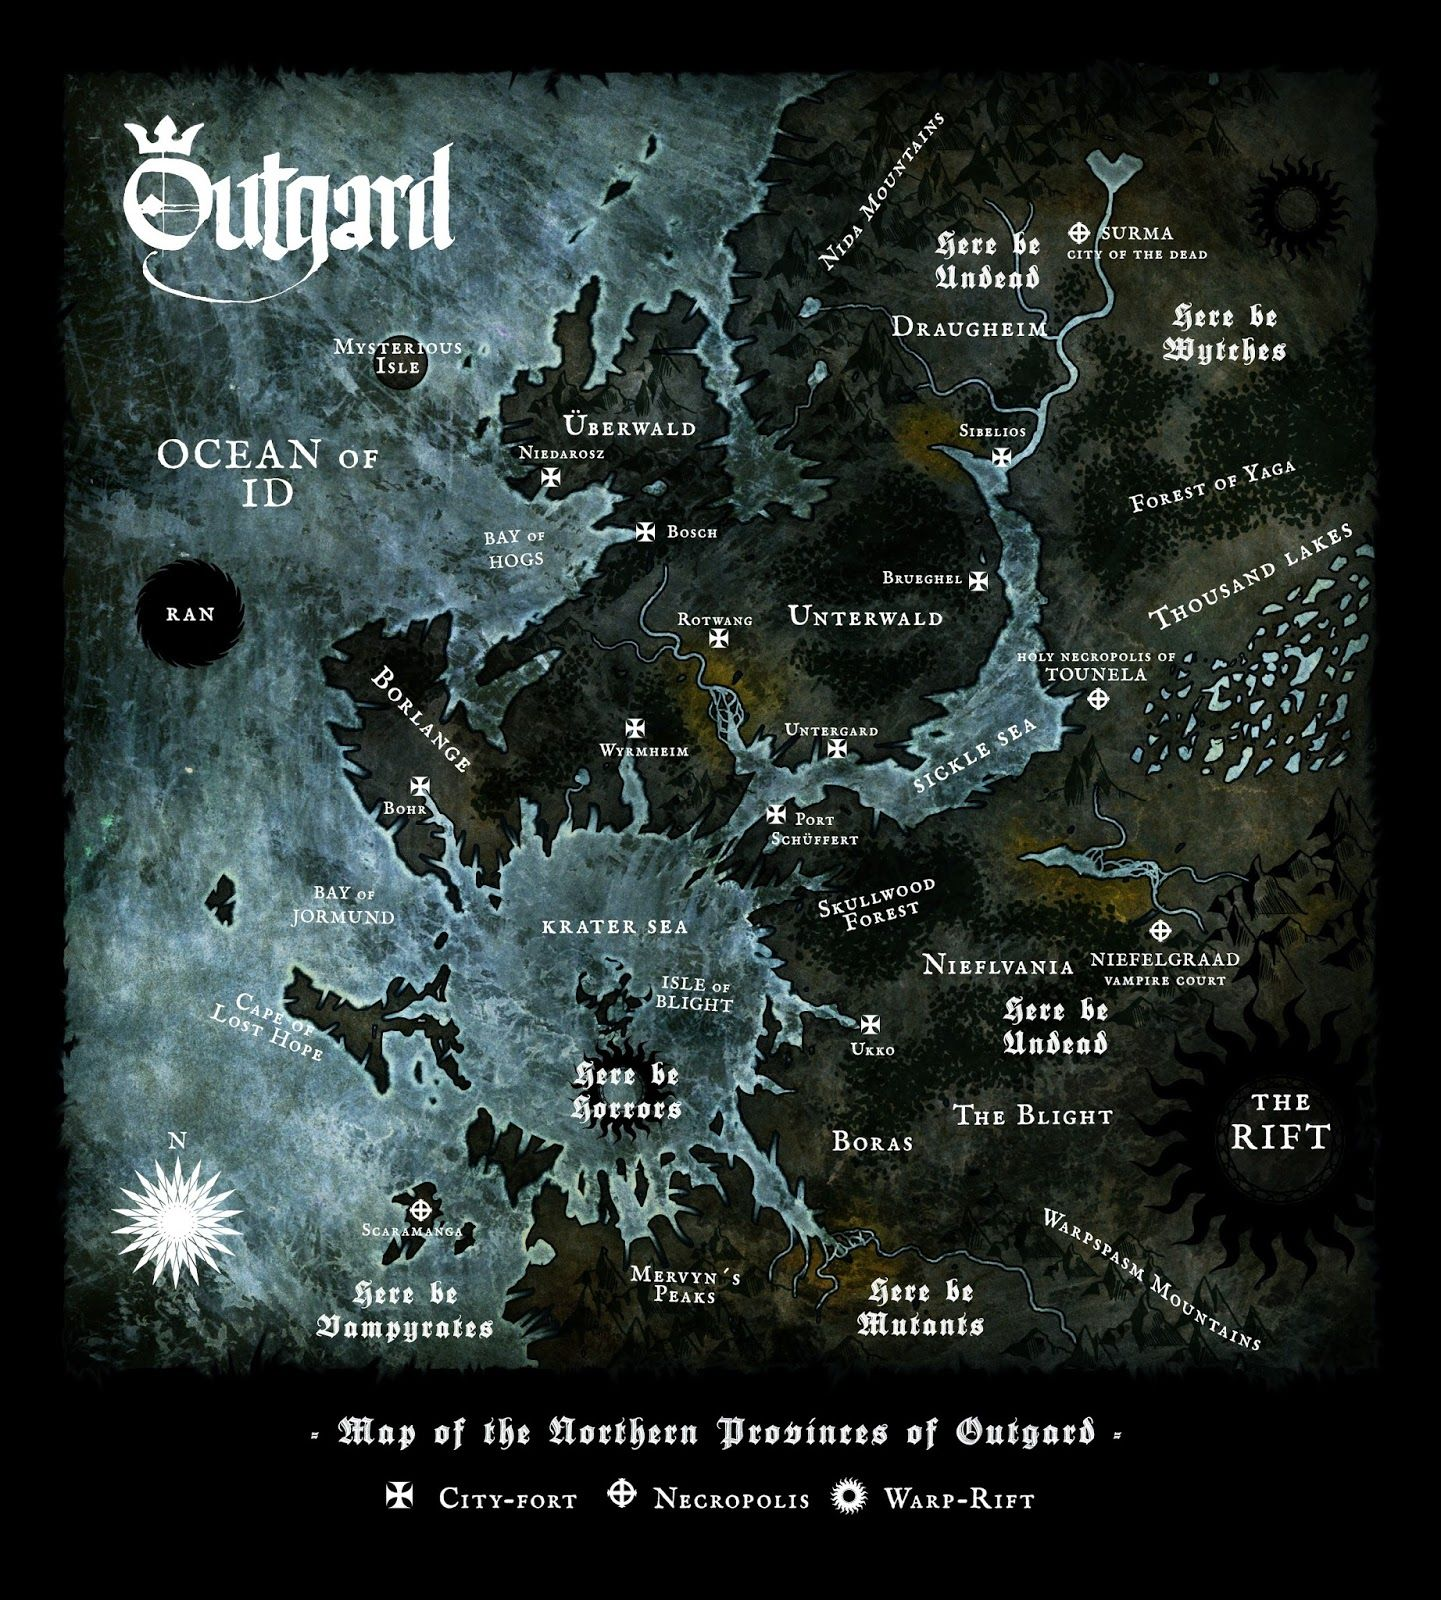 outgard+map+final.jpg (1441×1600)